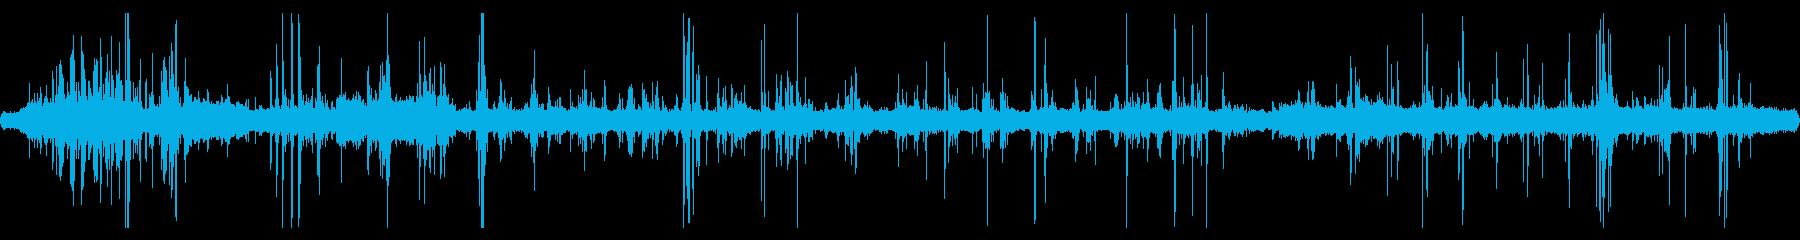 重機が建物を解体している音 13の再生済みの波形